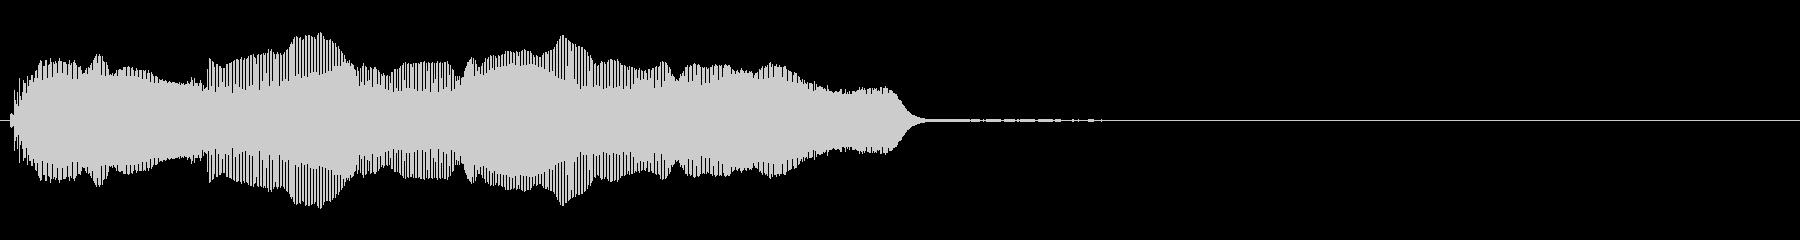 バイオリン:クイックアクセントとア...の未再生の波形